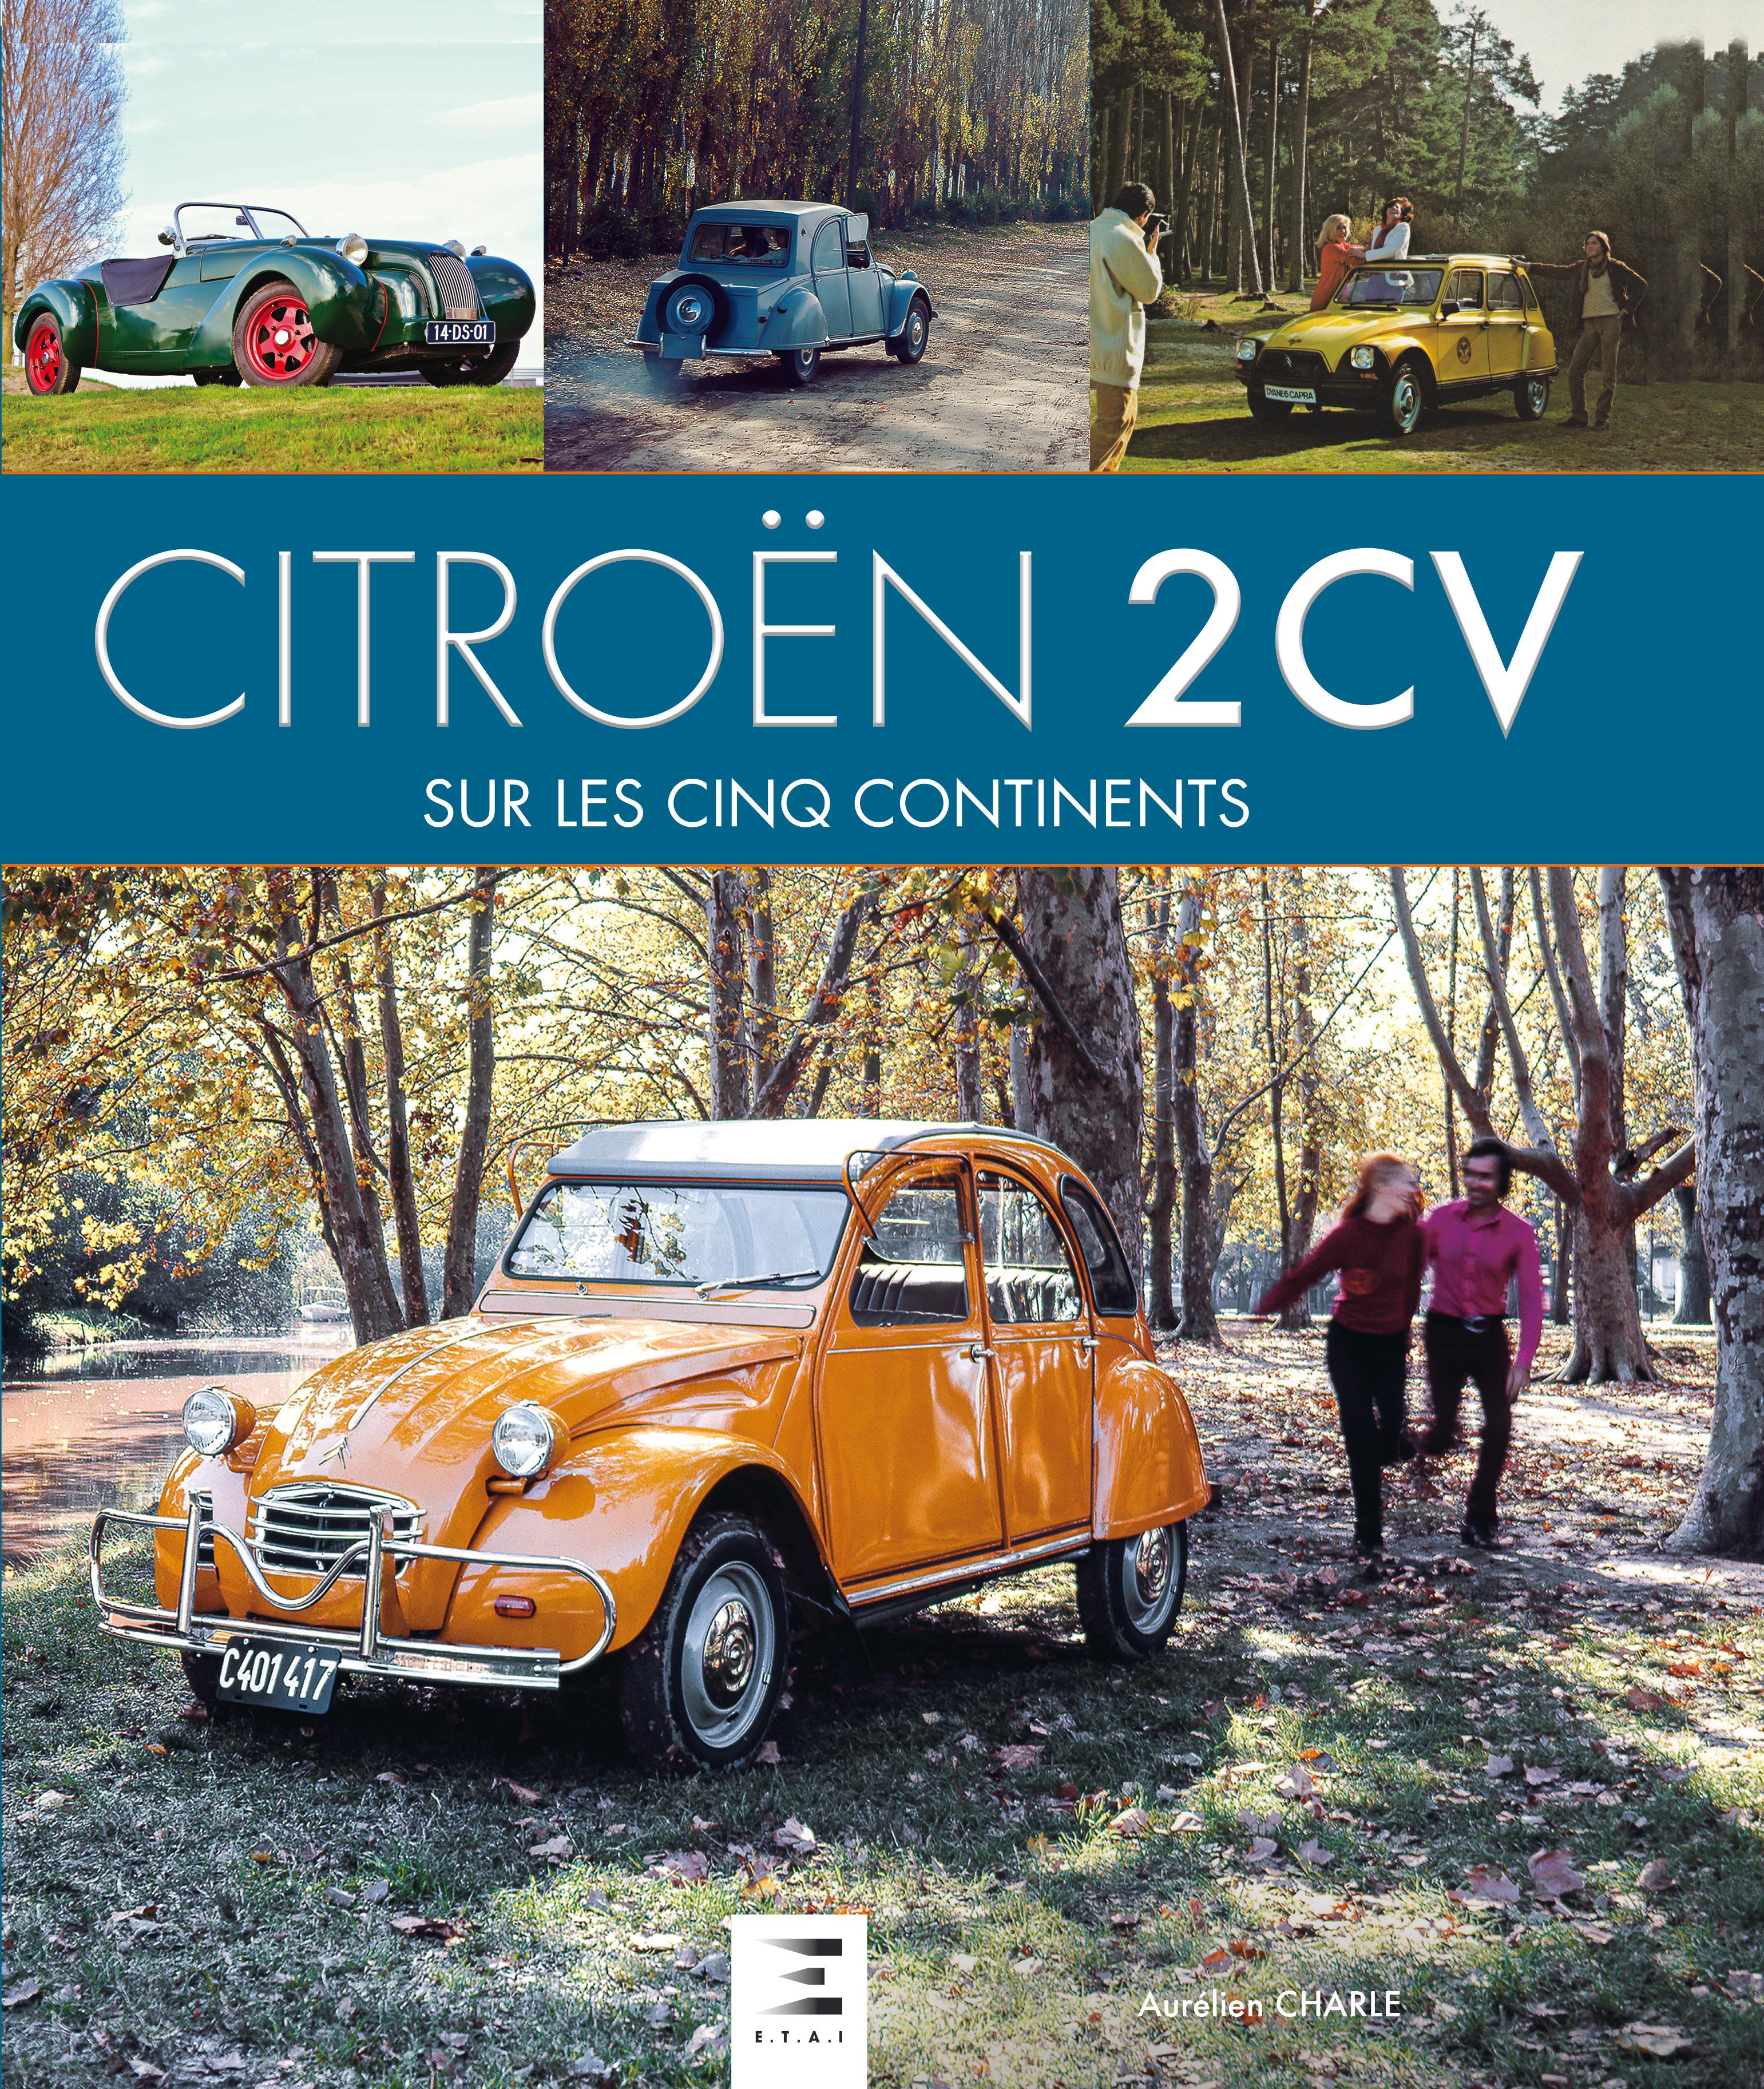 CITROEN 2CV SUR LES CINQ CONTINENTS